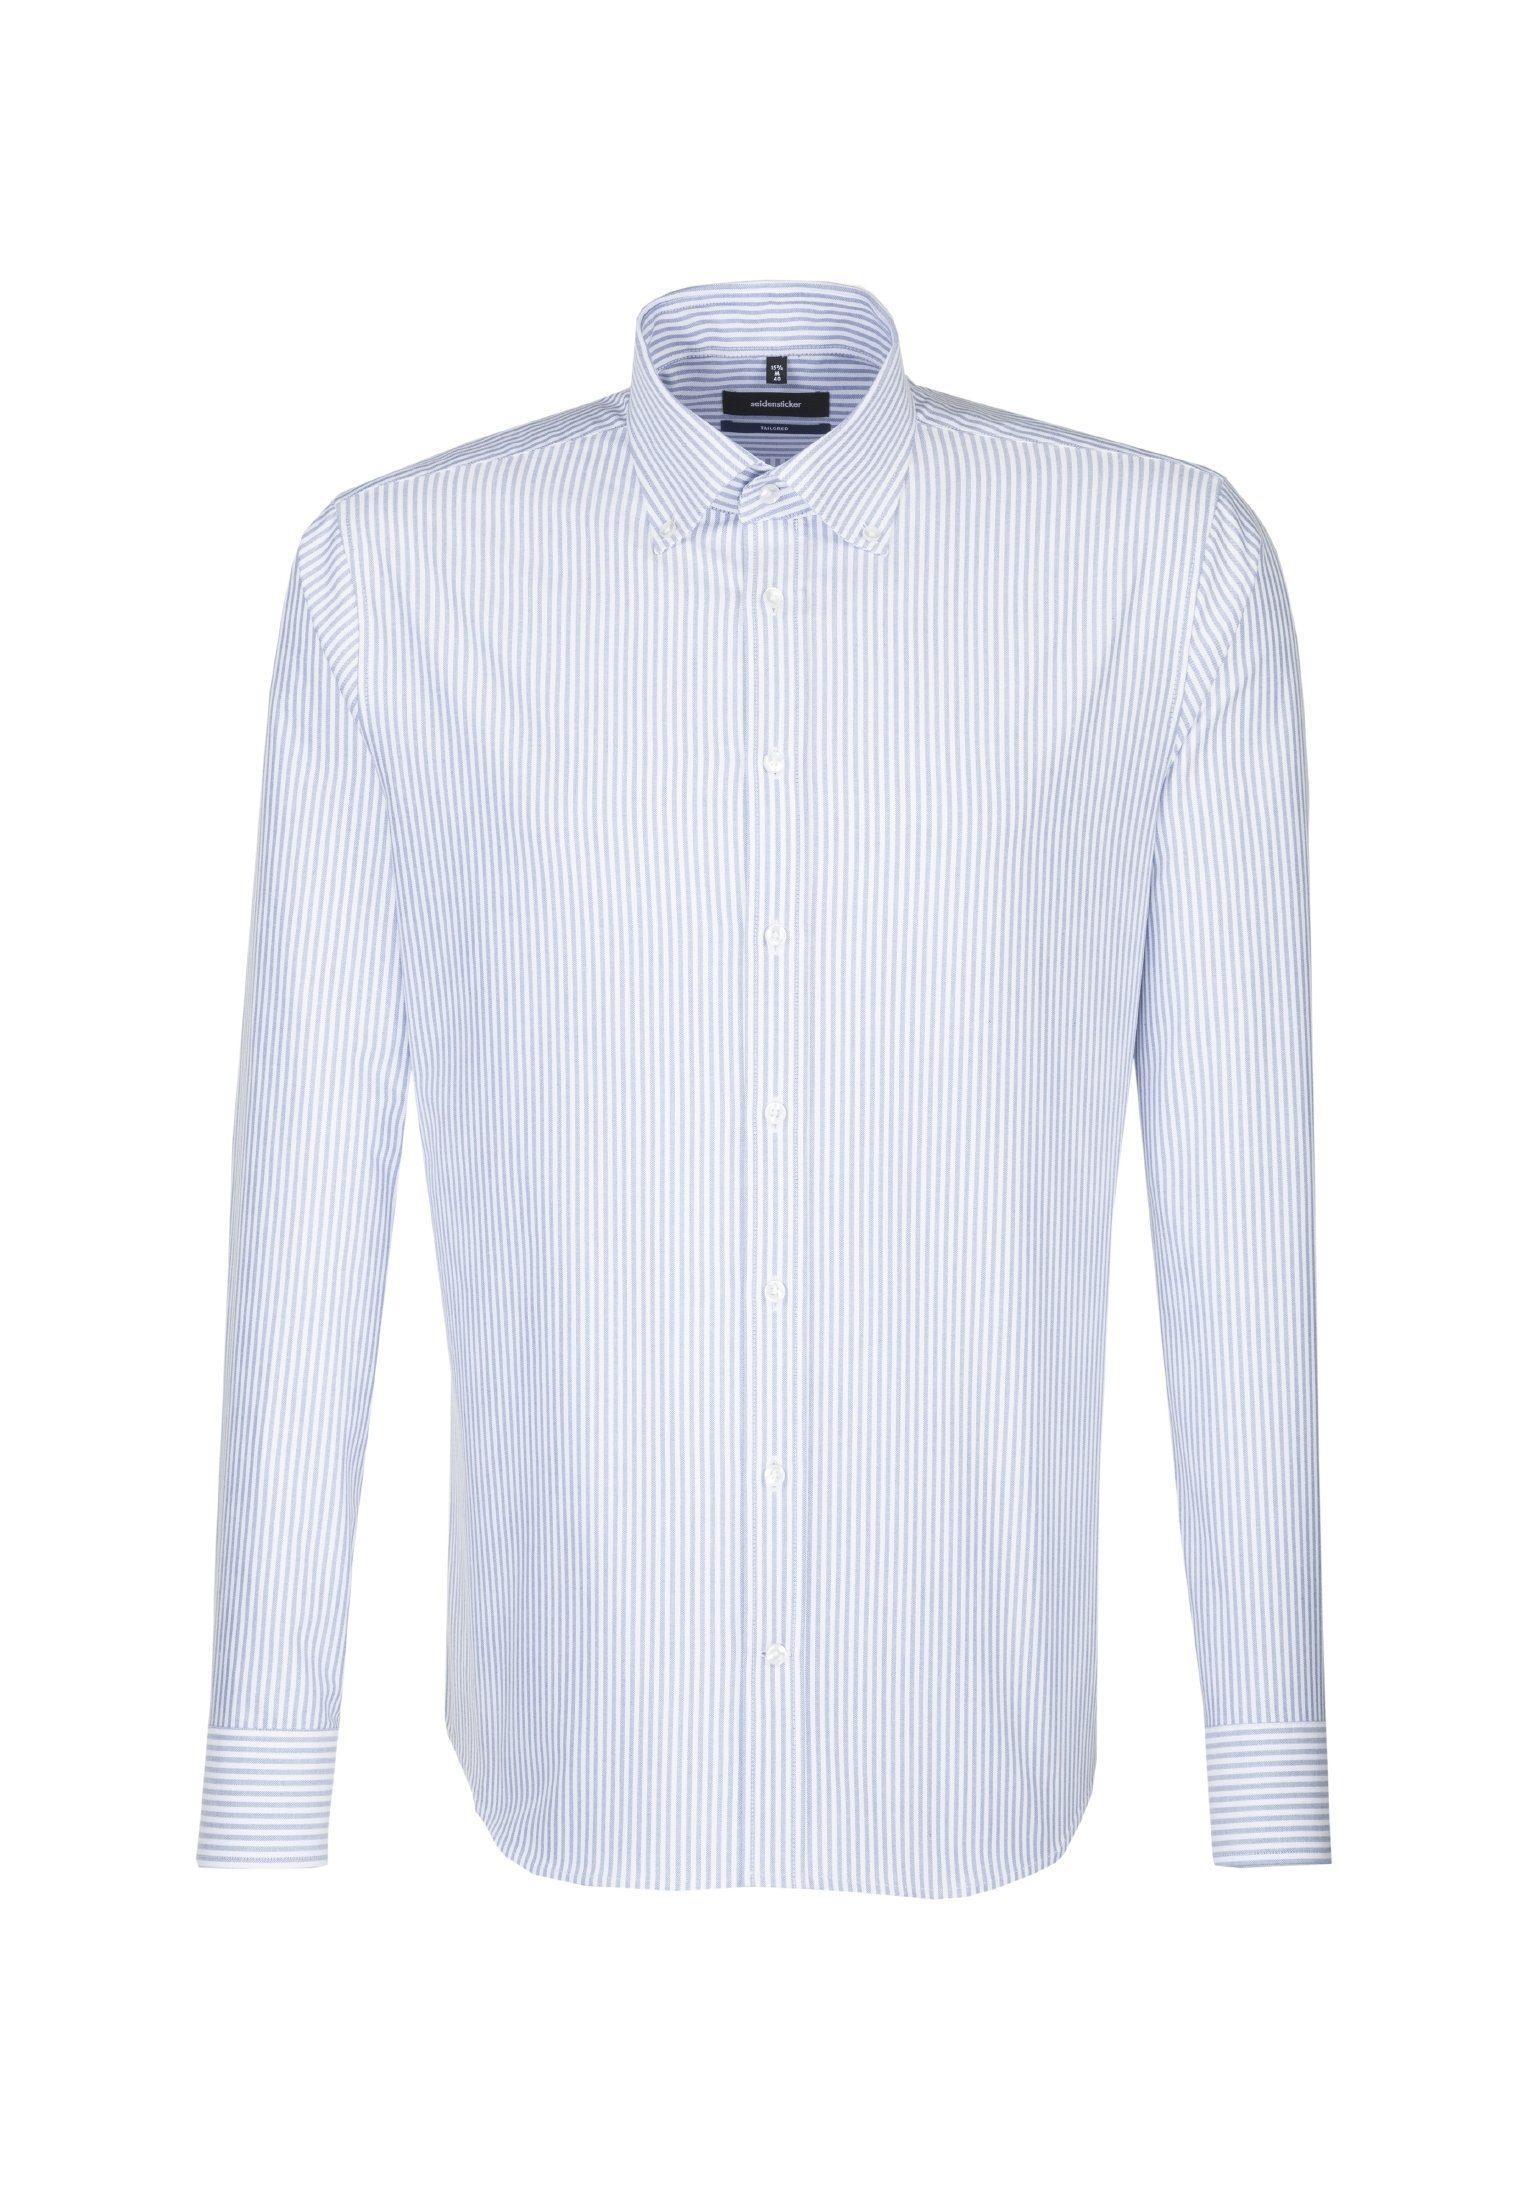 seidensticker Businesshemd Tailored | Bekleidung > Hemden > Business Hemden | Blau | Seidensticker